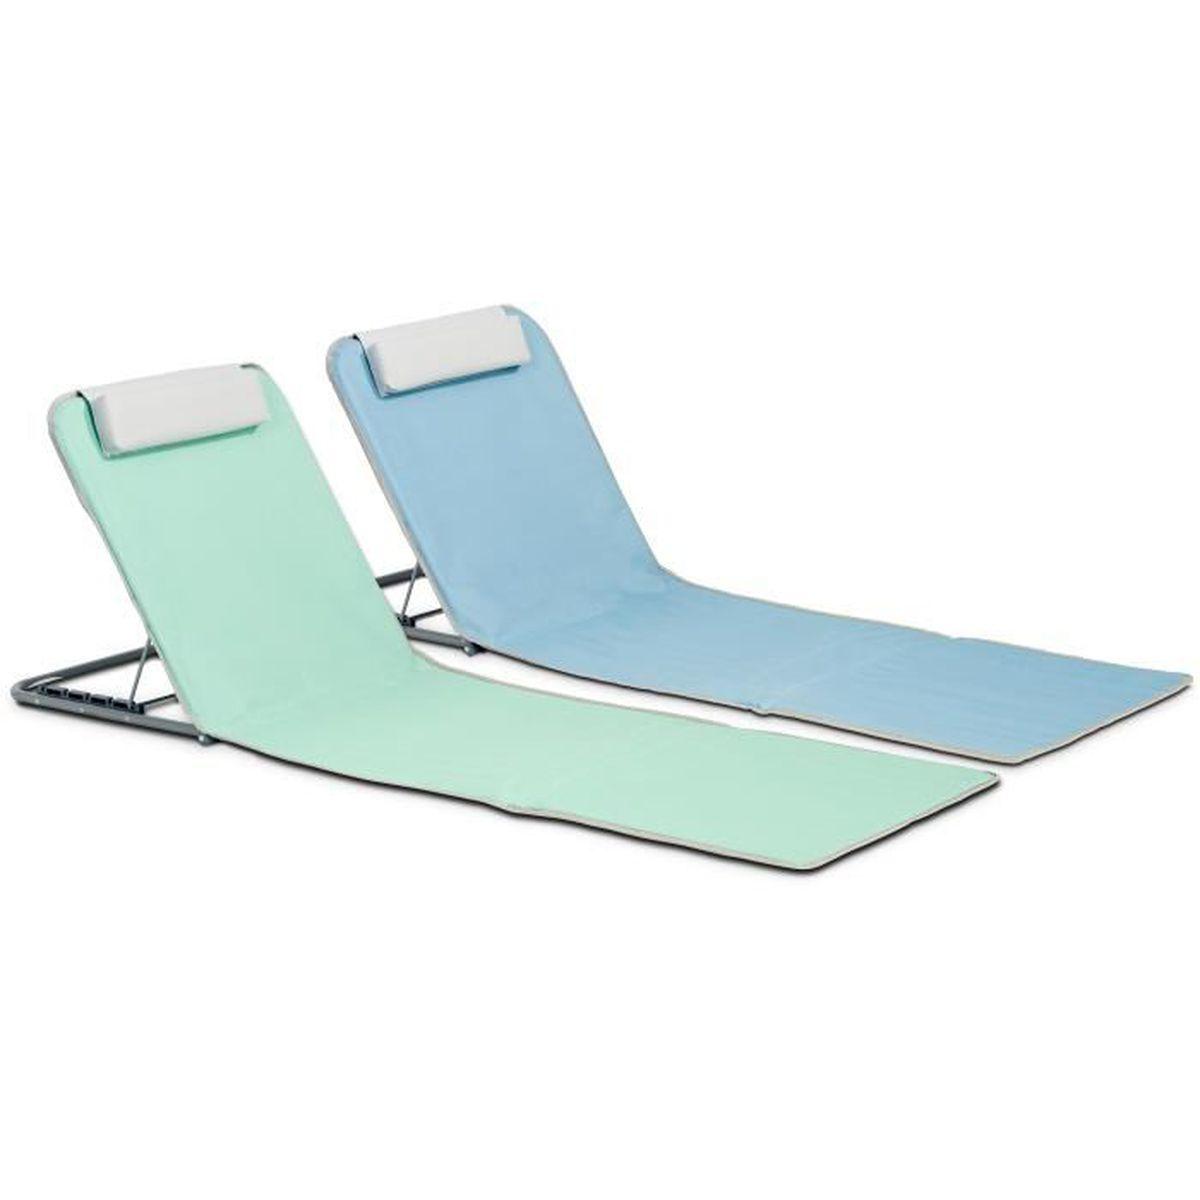 clic clac des plages achat vente pas cher les soldes sur cdiscount cdiscount. Black Bedroom Furniture Sets. Home Design Ideas